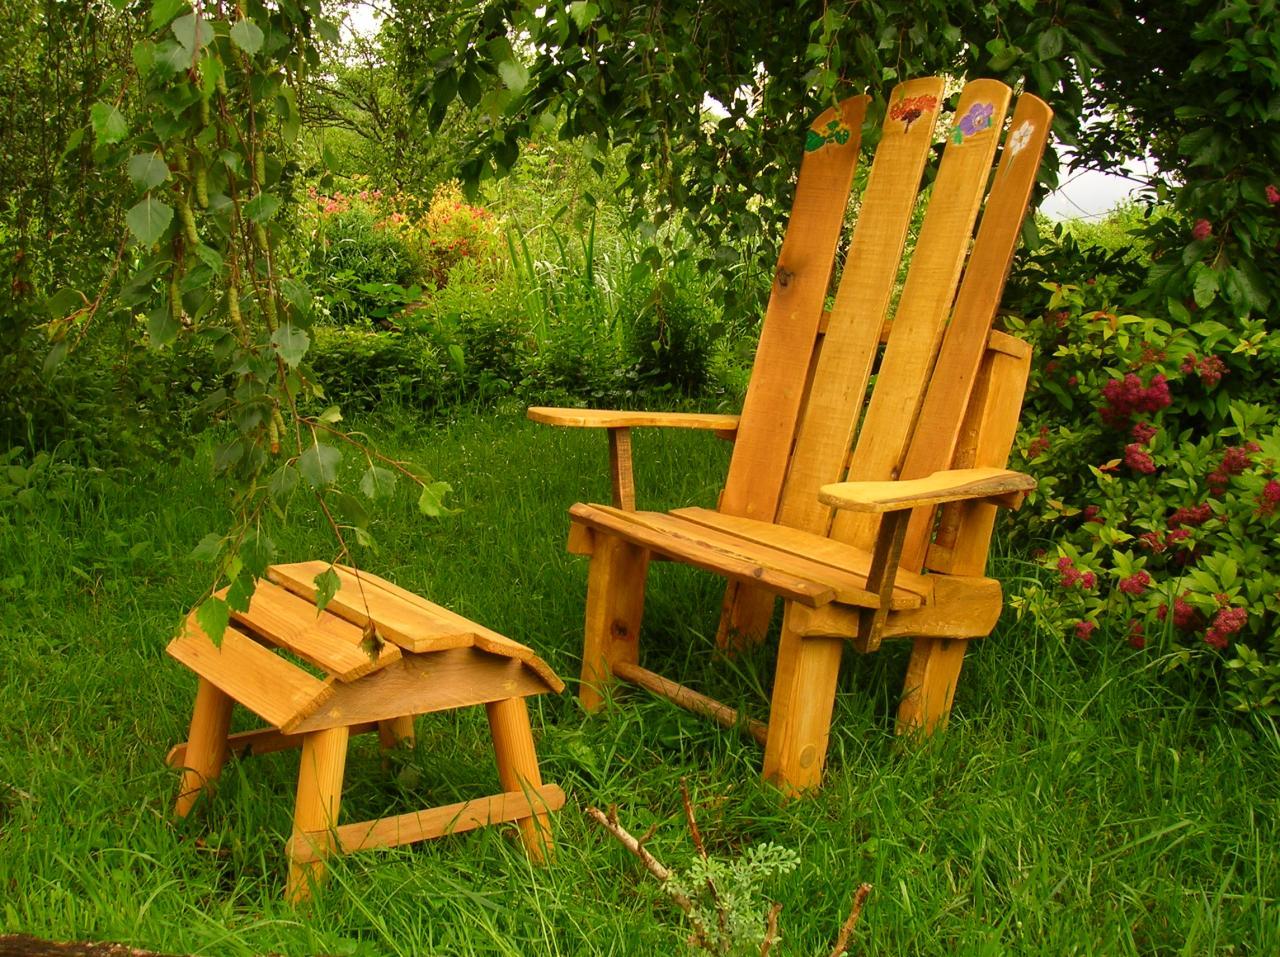 Hyl recycl cr ations en bois de palettes - Recyclage des cagettes en bois ...